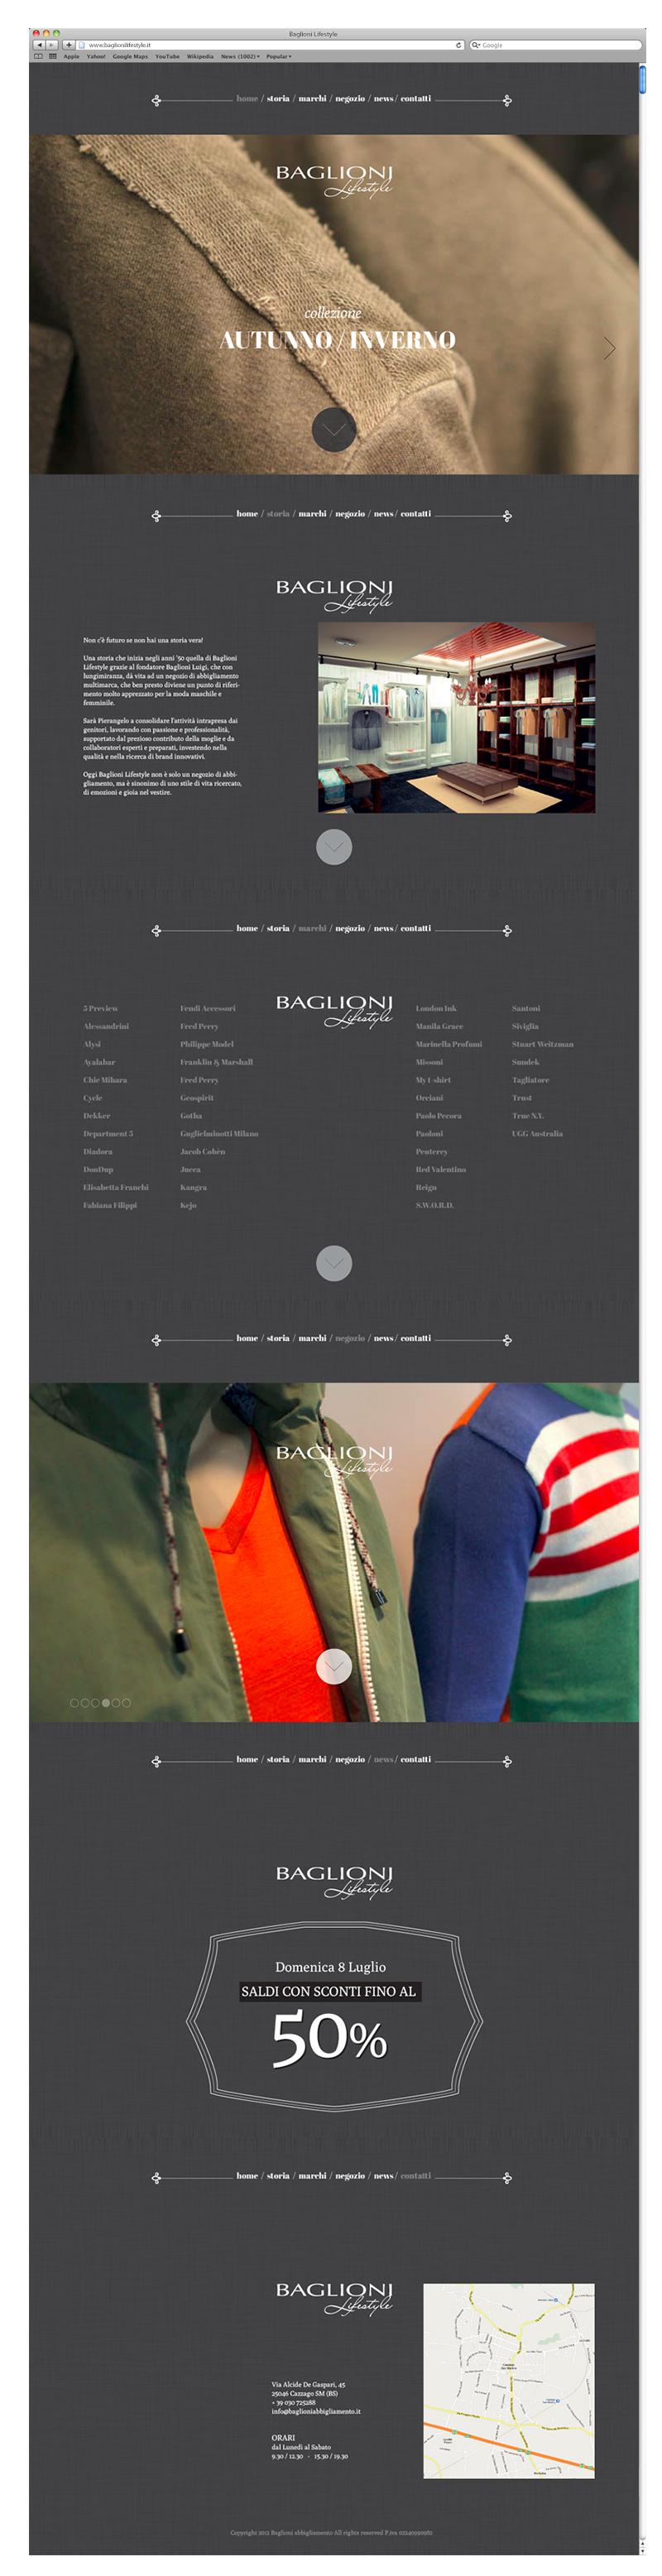 Baglioni Lifestyle - Web site